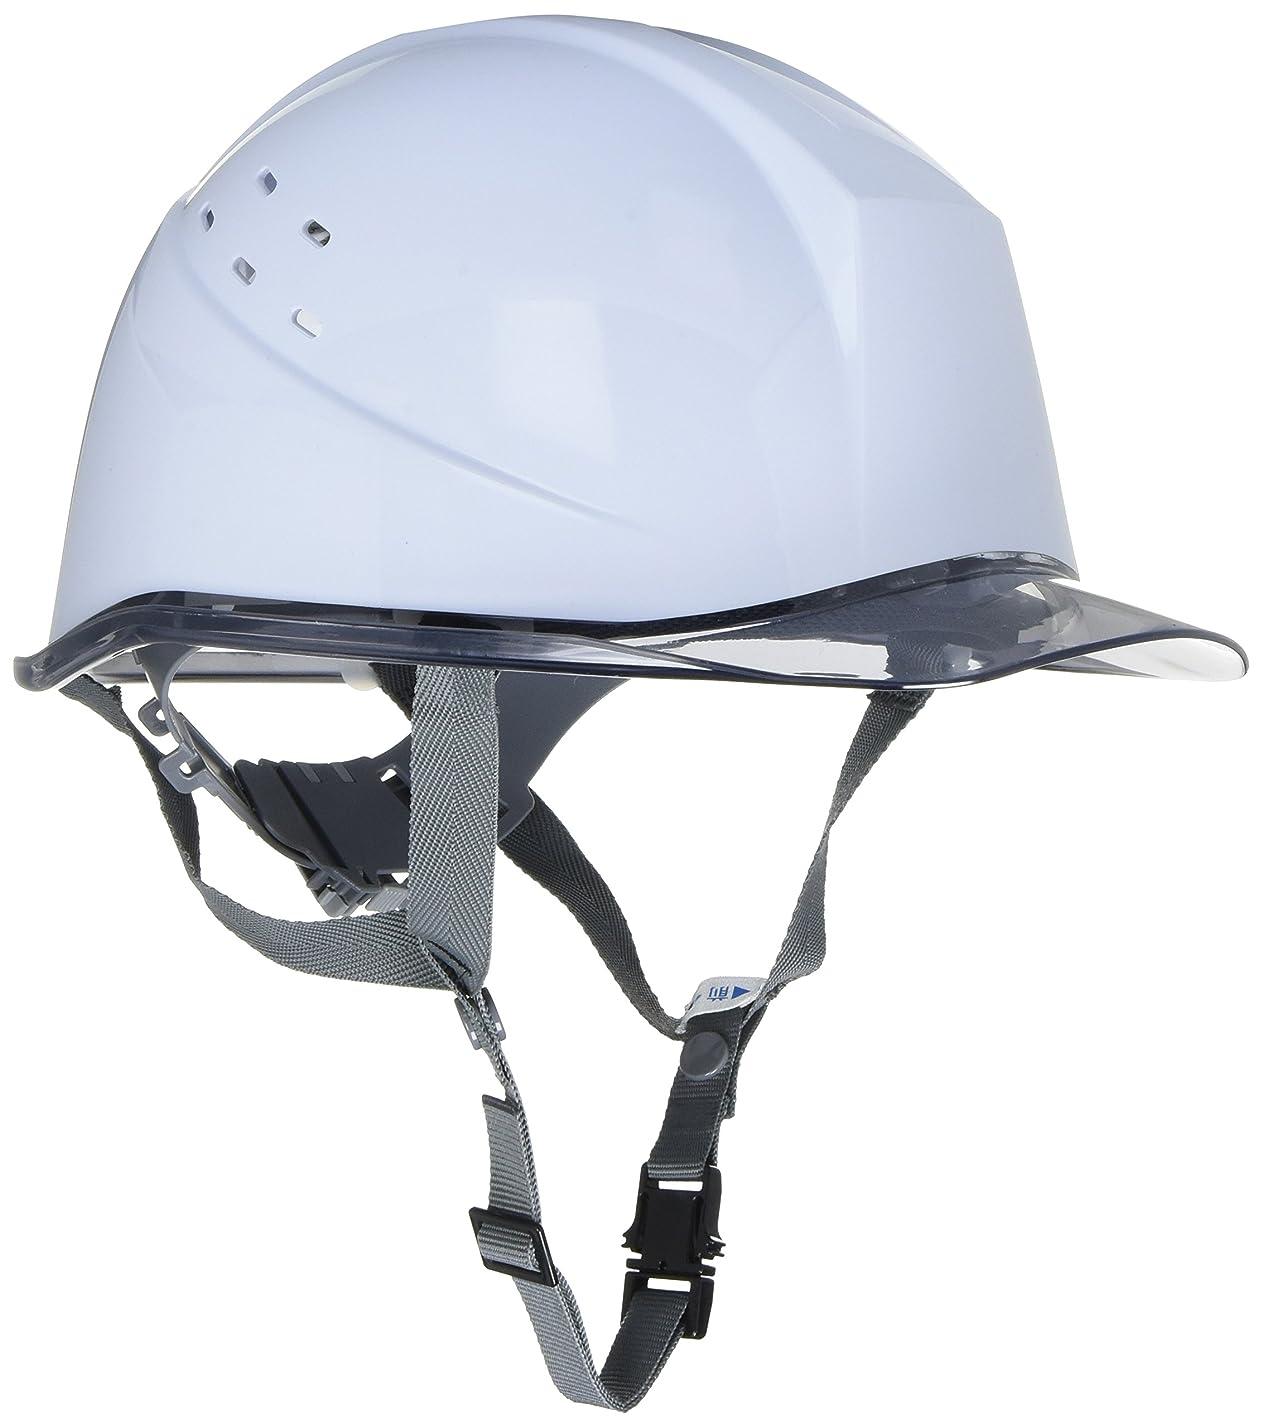 ミドリ安全 ヘルメット クリアバイザー 通気孔付 SC11PCLV RA KP付 ホワイト/スモーク